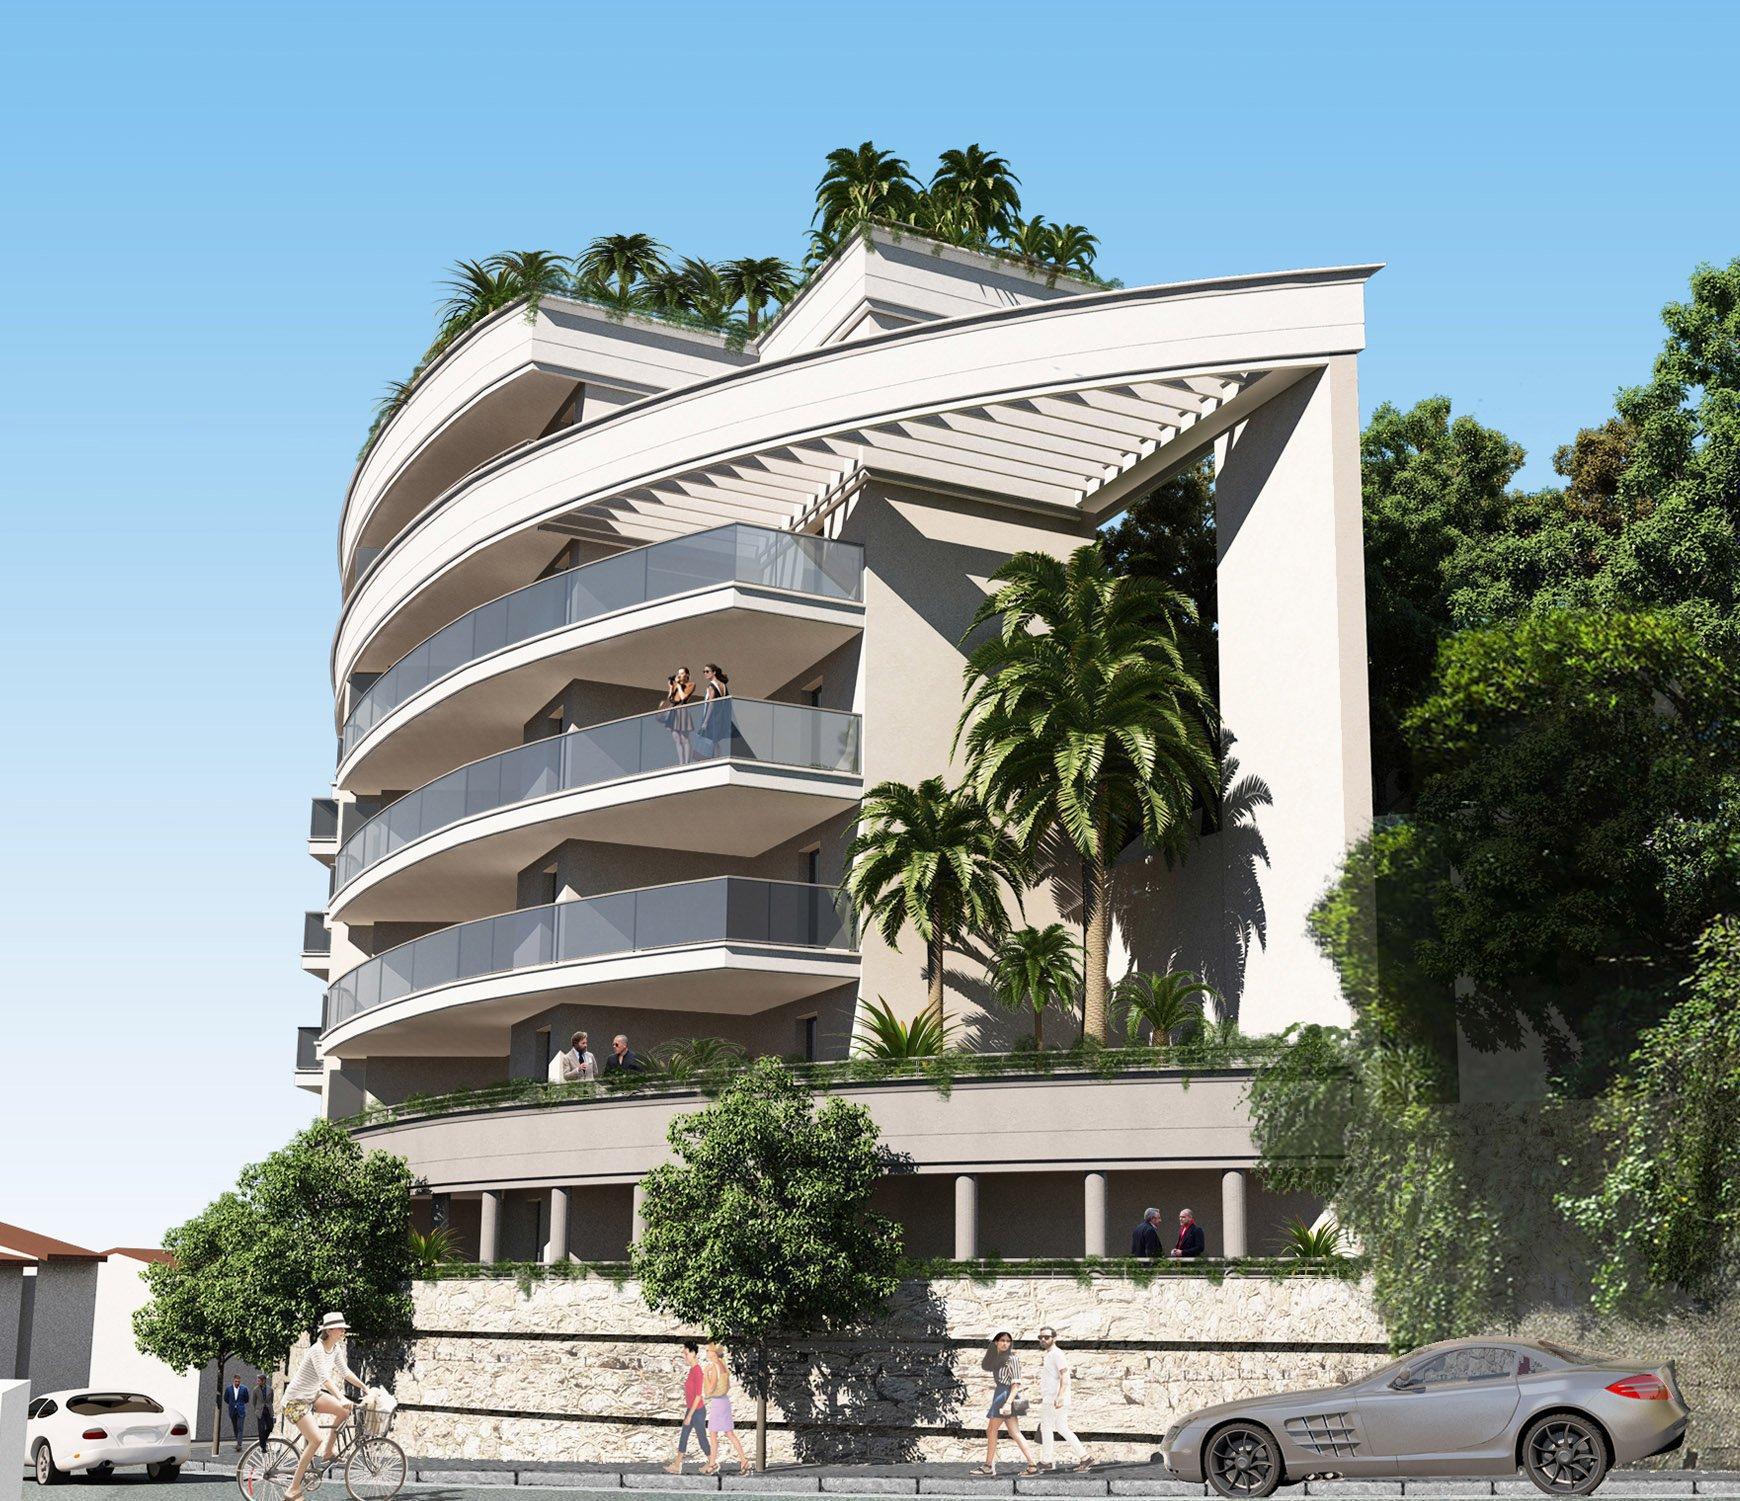 BEAUSOLEIL - Région PACA - Vente Appartement neuf de luxe - Large terrasse - Vue mer